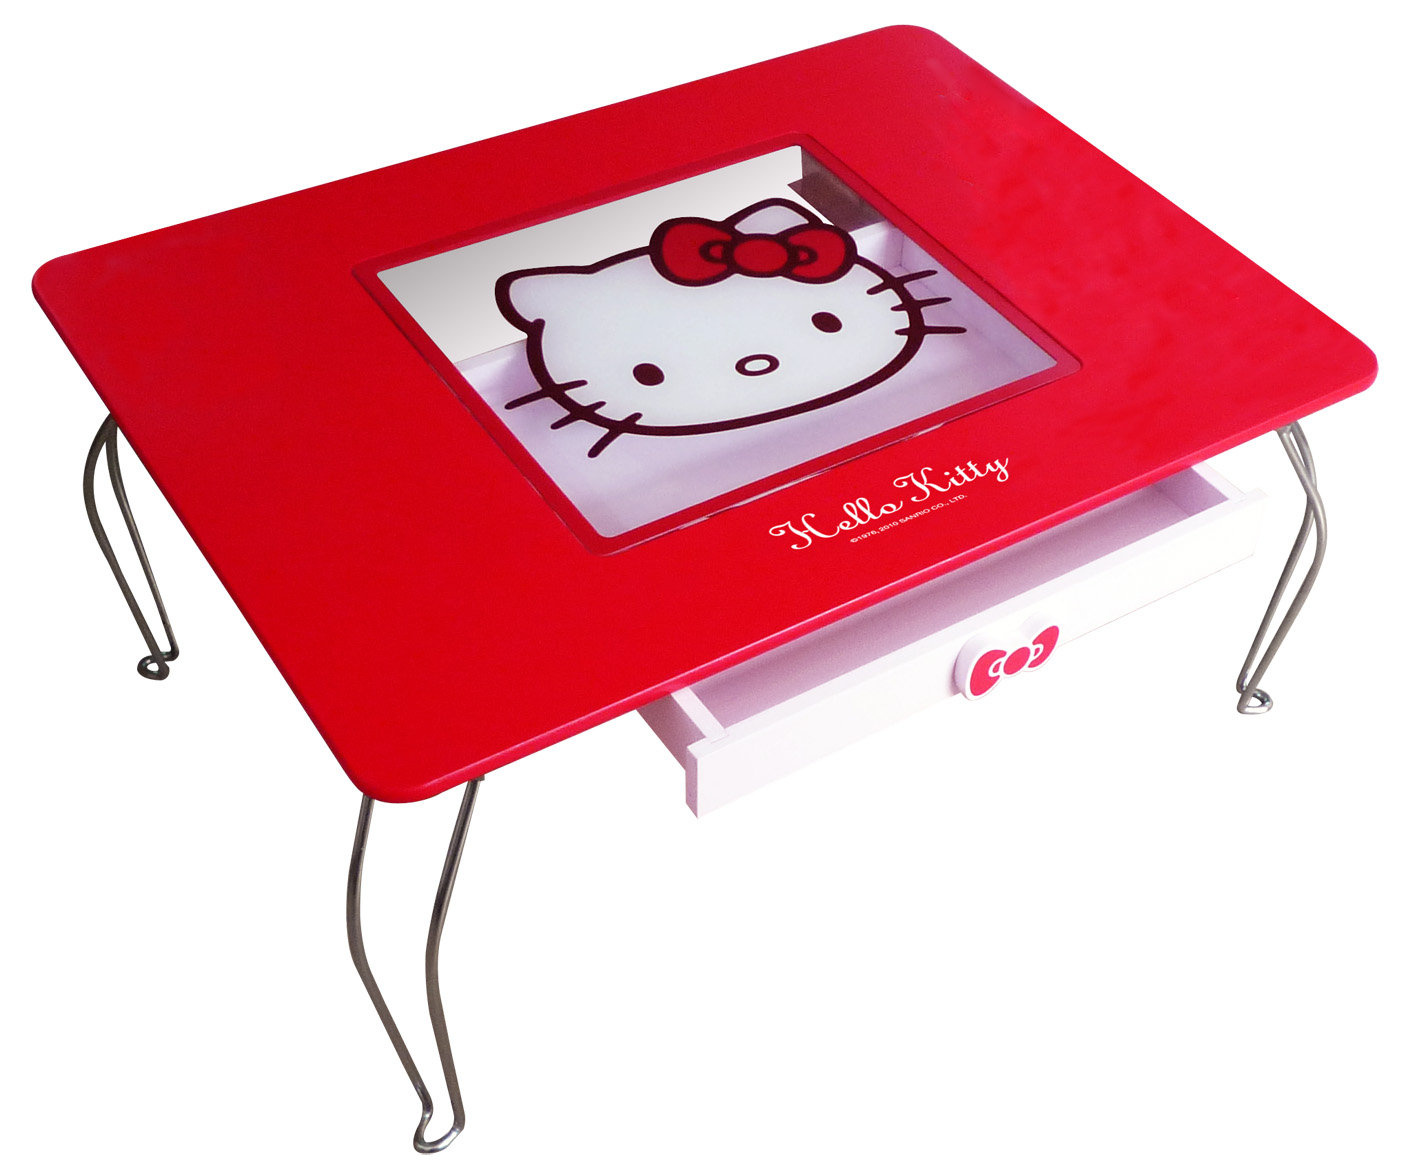 【真愛日本】11102800001 玻璃和式桌-紅 三麗鷗 Hello Kitty 凱蒂貓  桌子  和室桌  書桌